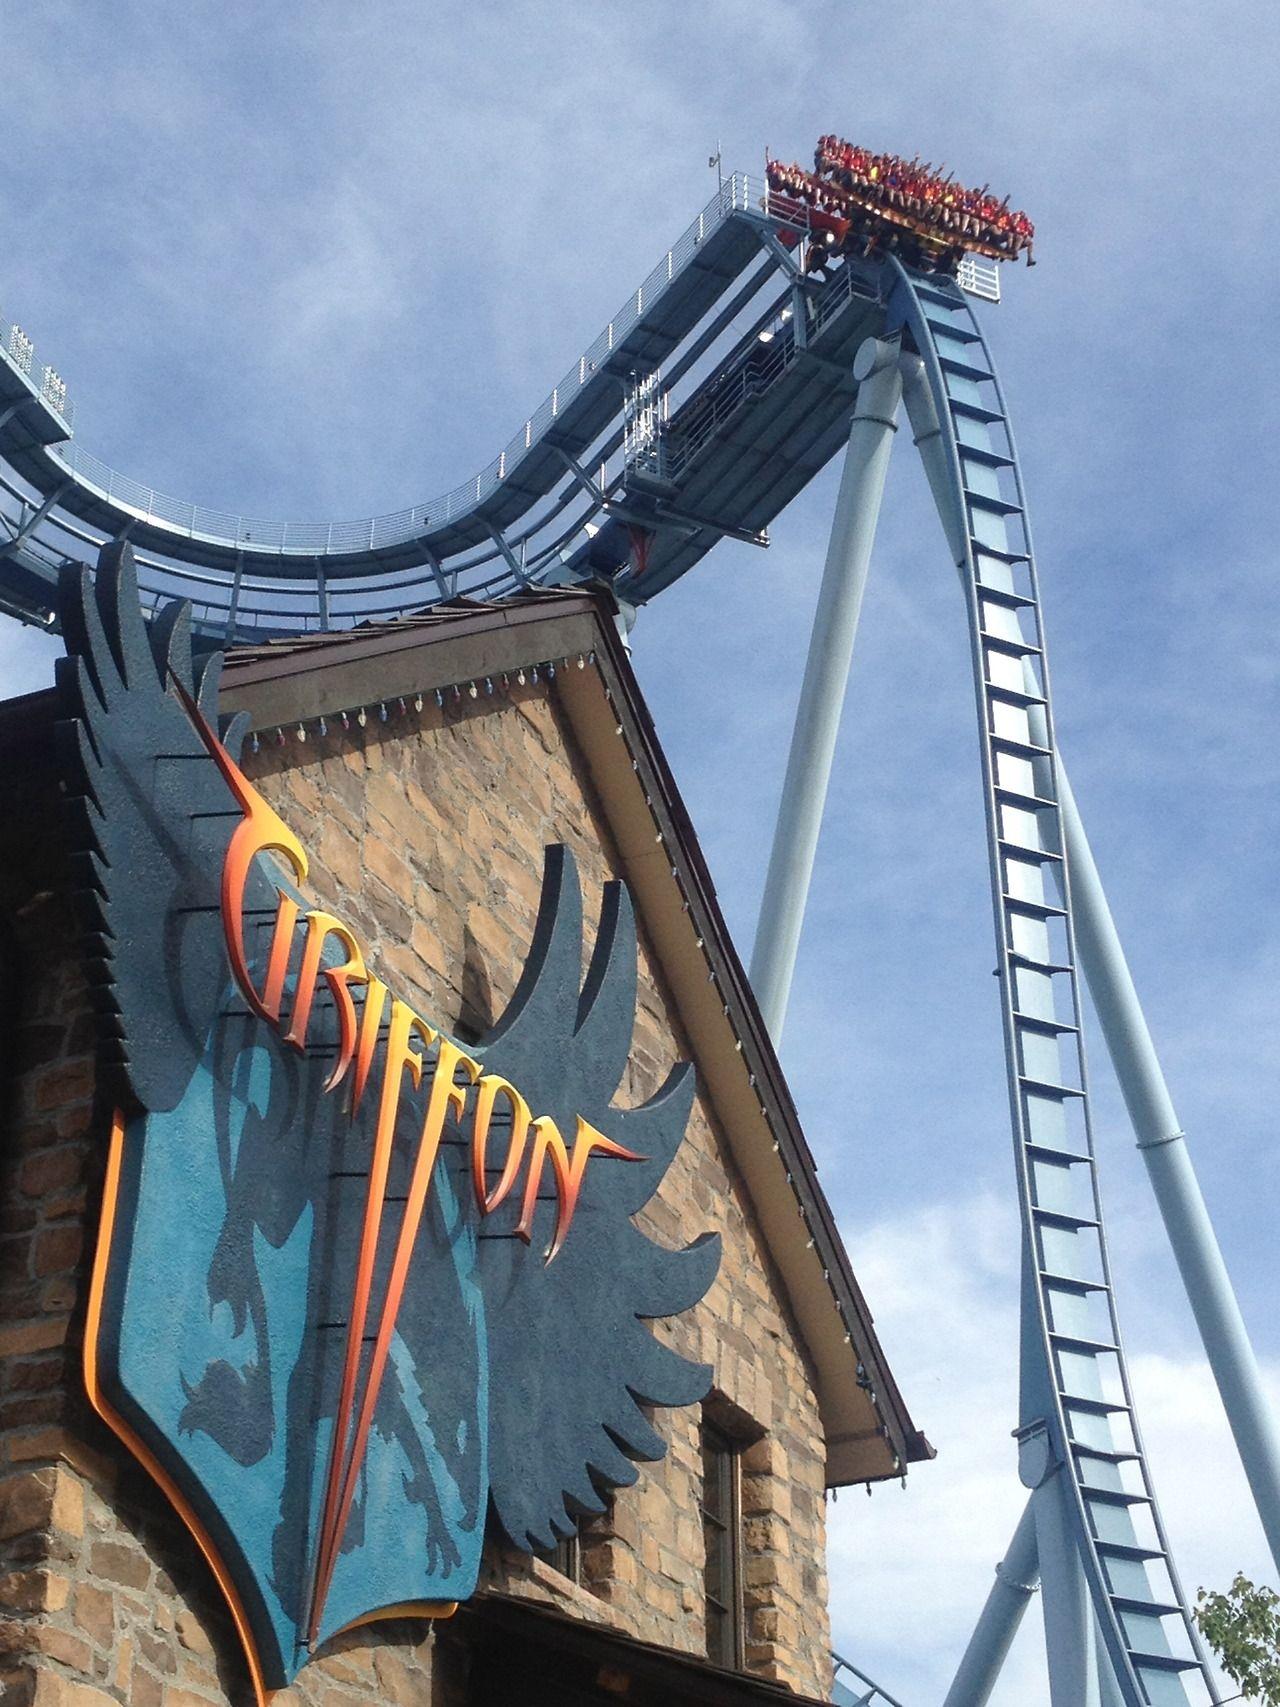 60520f6252a0d5d68d19f7f81b936485 - New Busch Gardens Williamsburg Roller Coaster